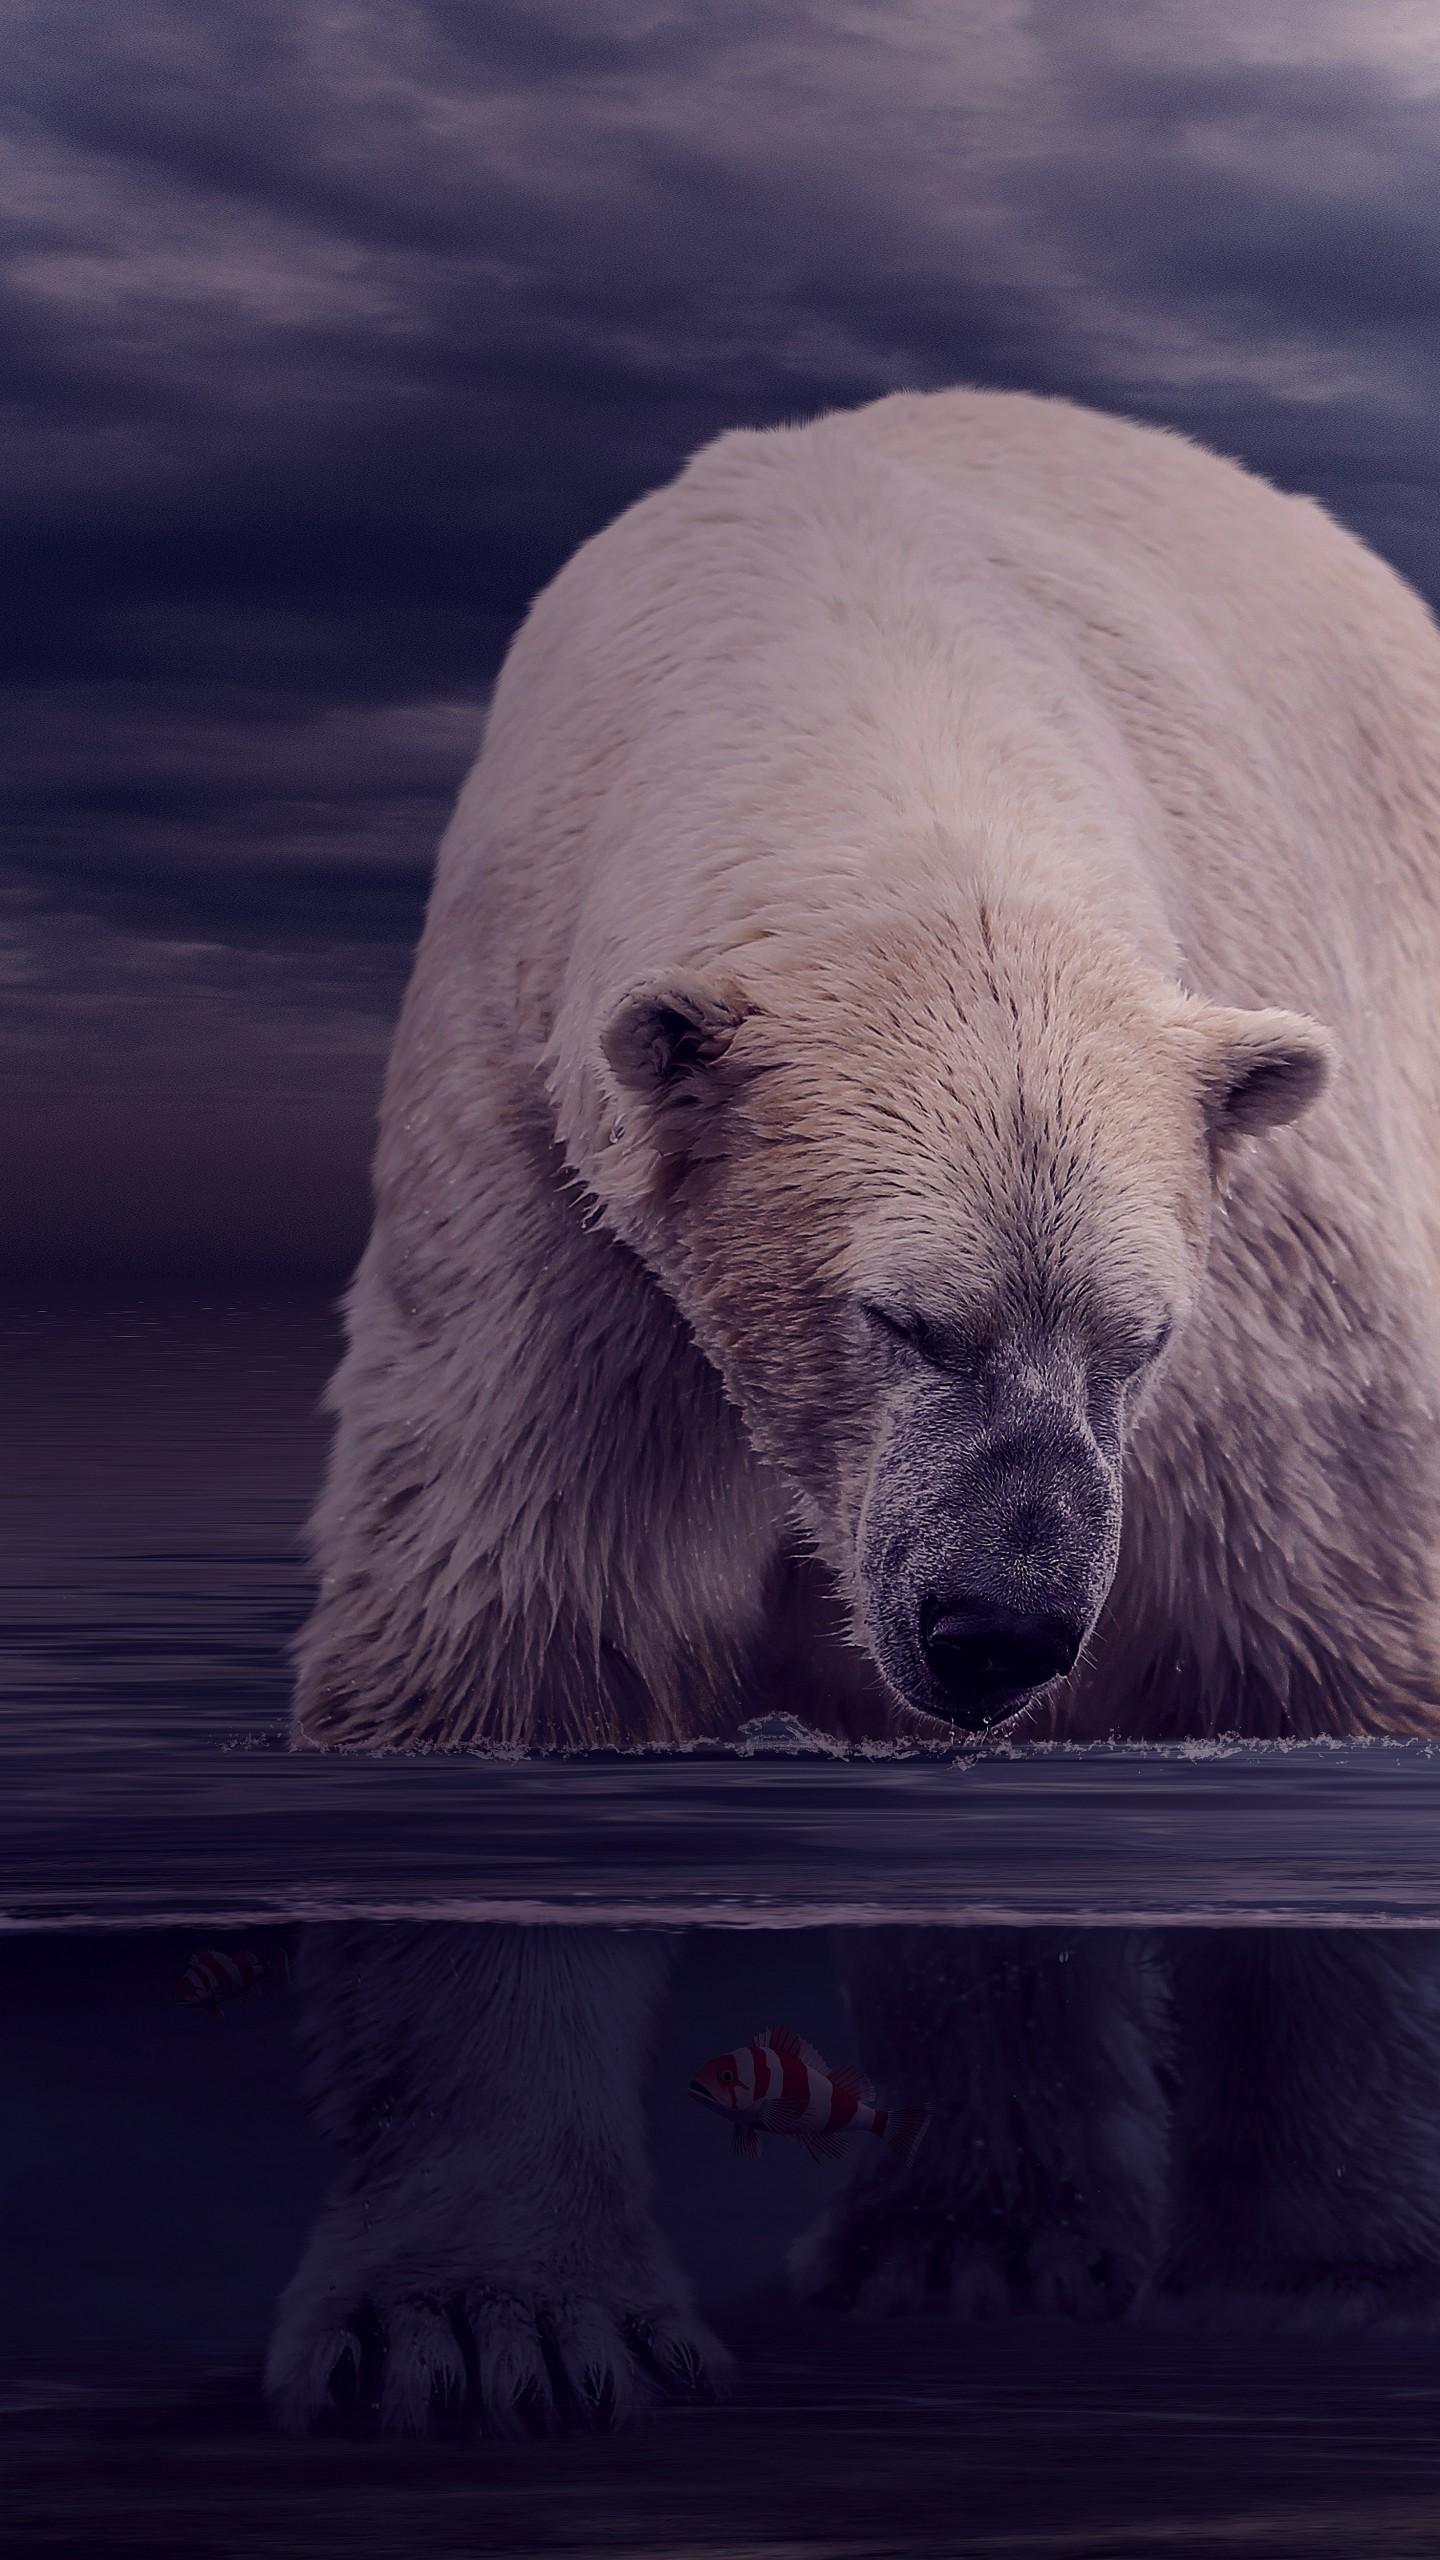 عکس زمینه خرس قطبی در حال شکار ماهی زیر آب پس زمینه